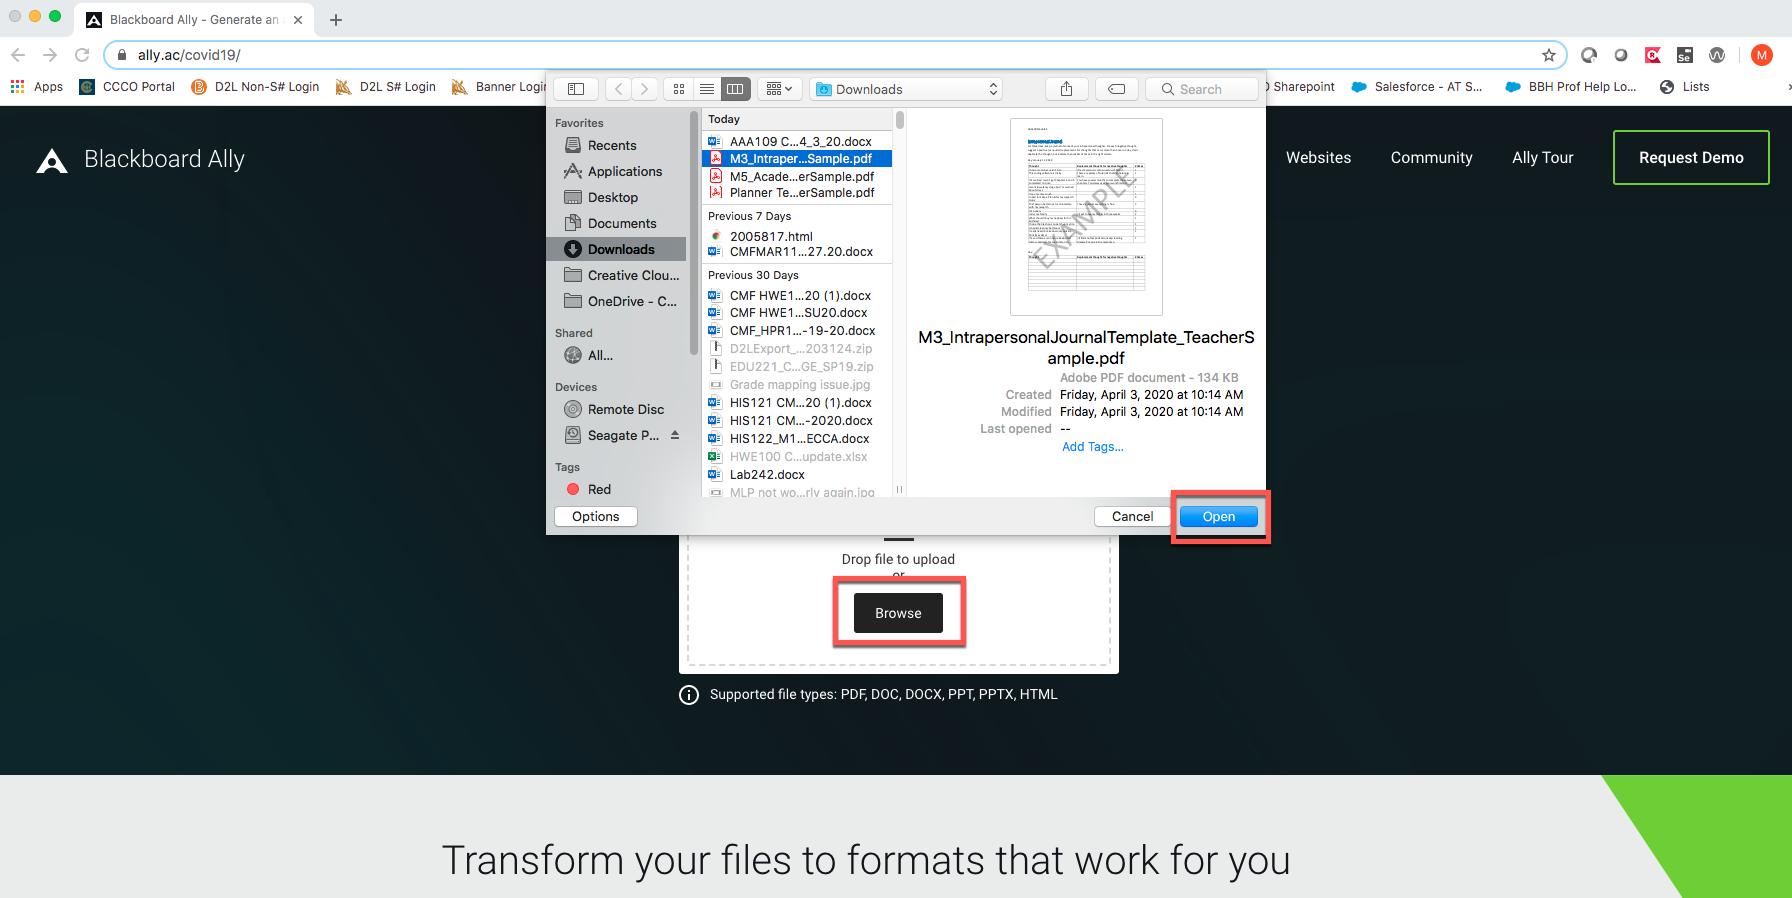 Blackboard Ally Choose File